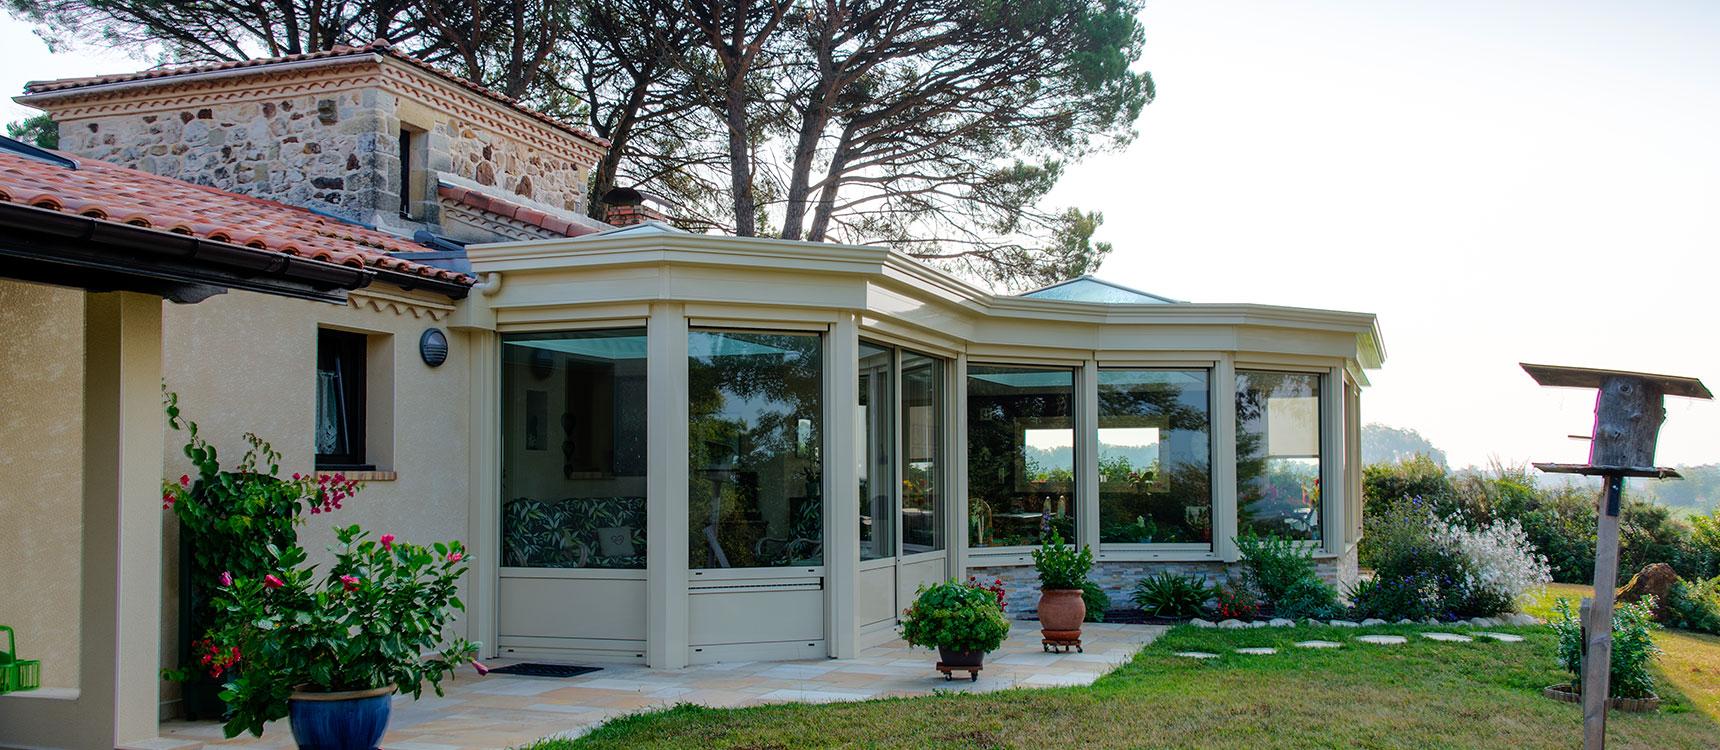 Menuiserie Hourcade - Notre gamme de vérandas toitures ...